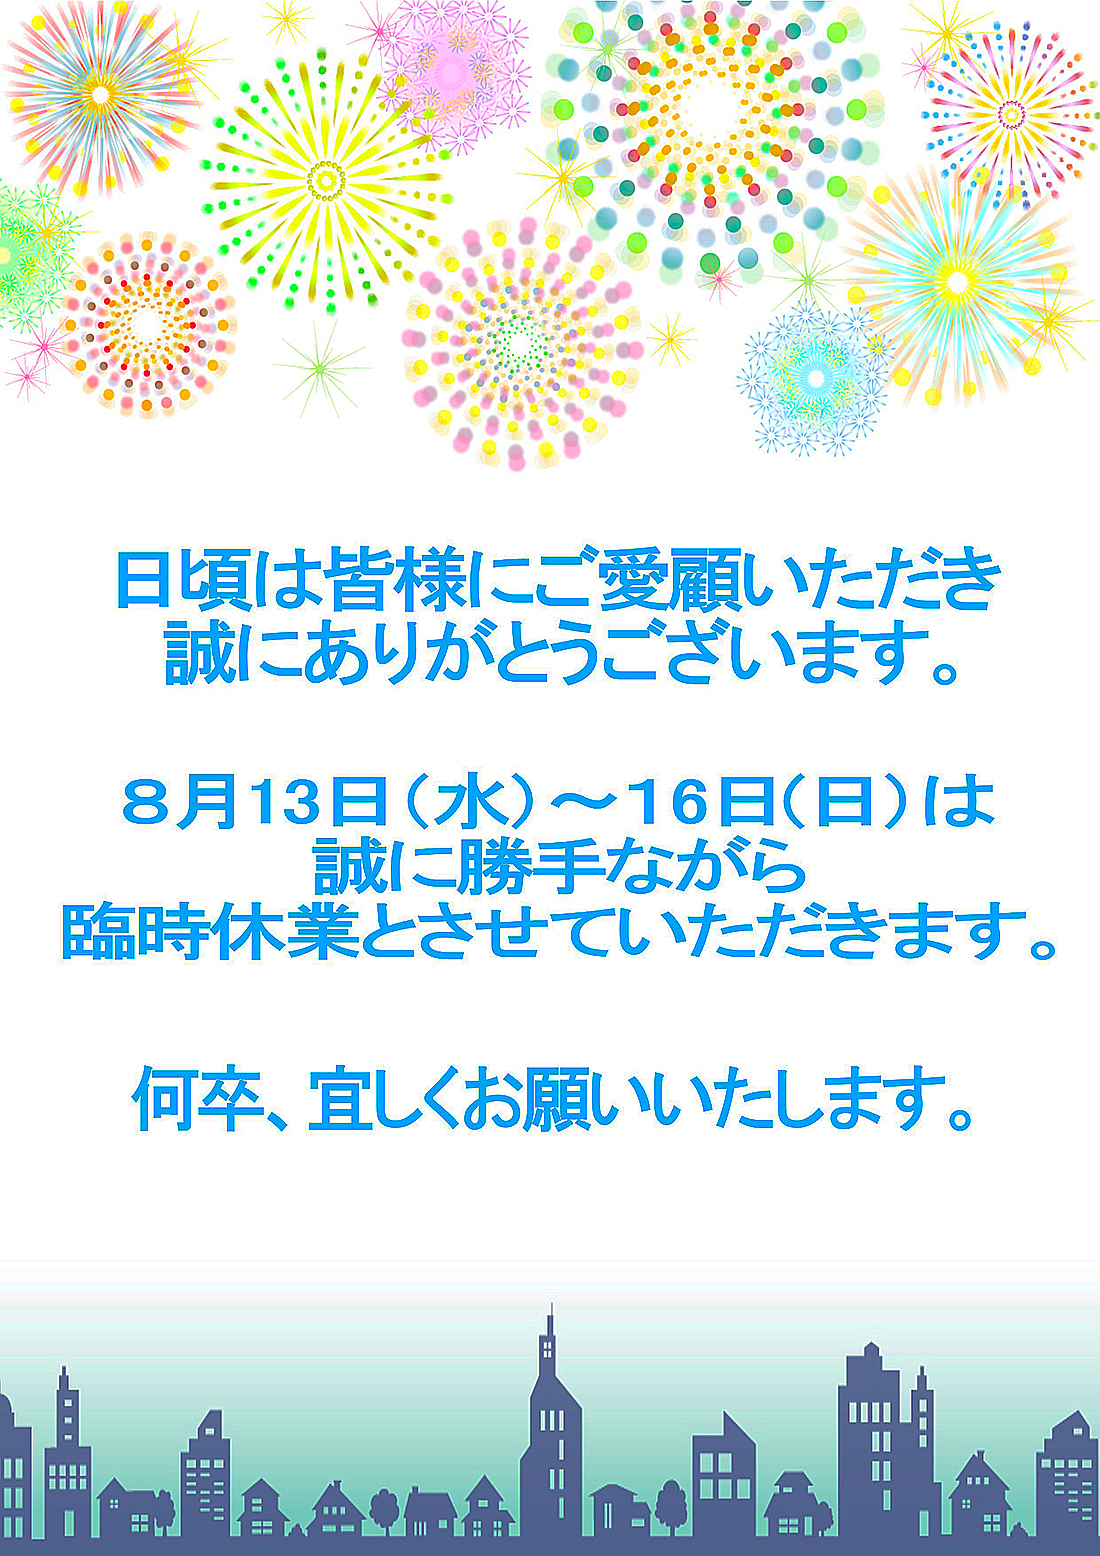 お盆・夏季休暇のお知らせ